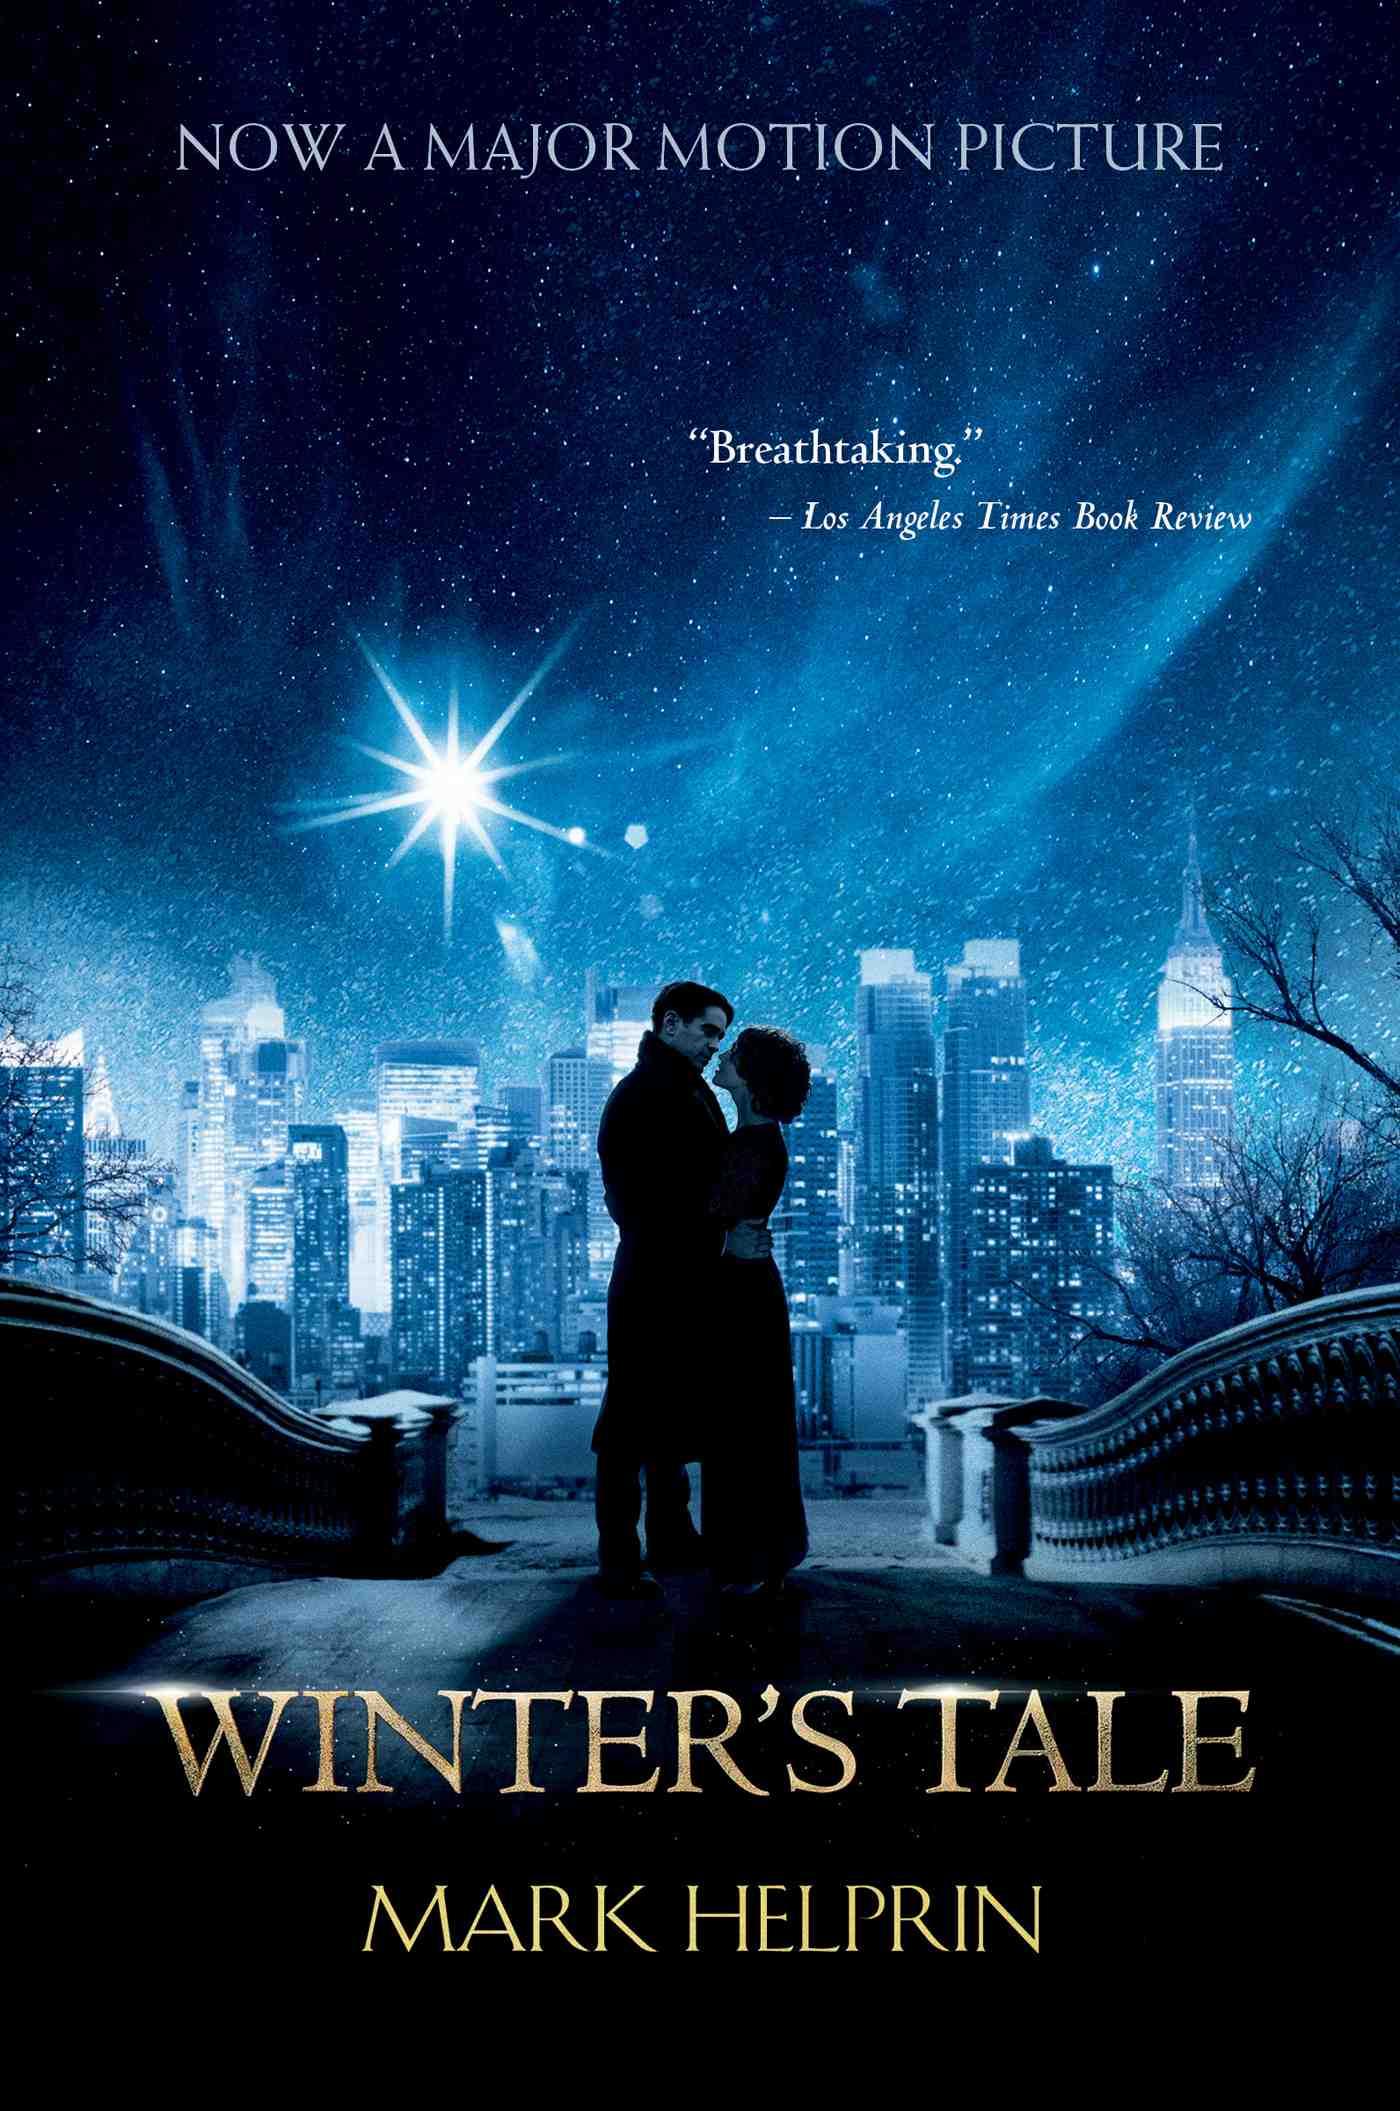 a winters tale Winter's tale ist ein us-amerikanischer emblematischer fantasyfilm im stil des magischen realismus aus dem jahr 2014 die verfilmung des gleichnamigen fantasy.